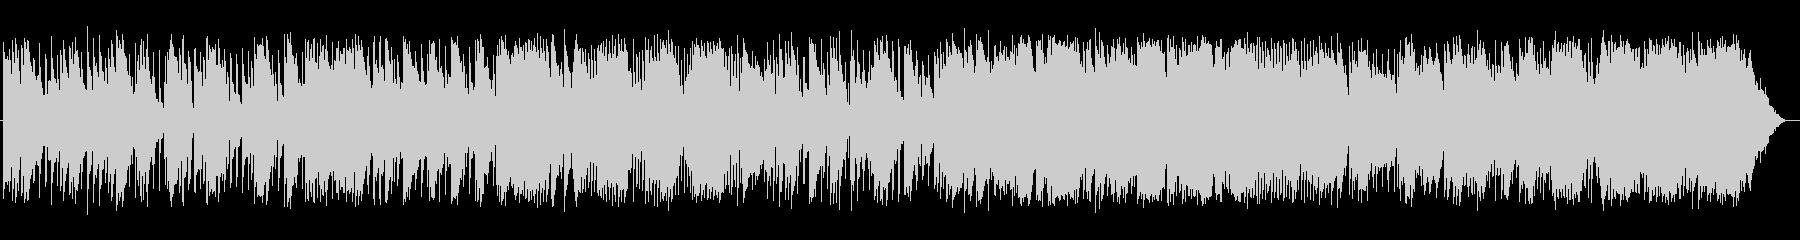 切ないセンチメンタルなバラードの未再生の波形